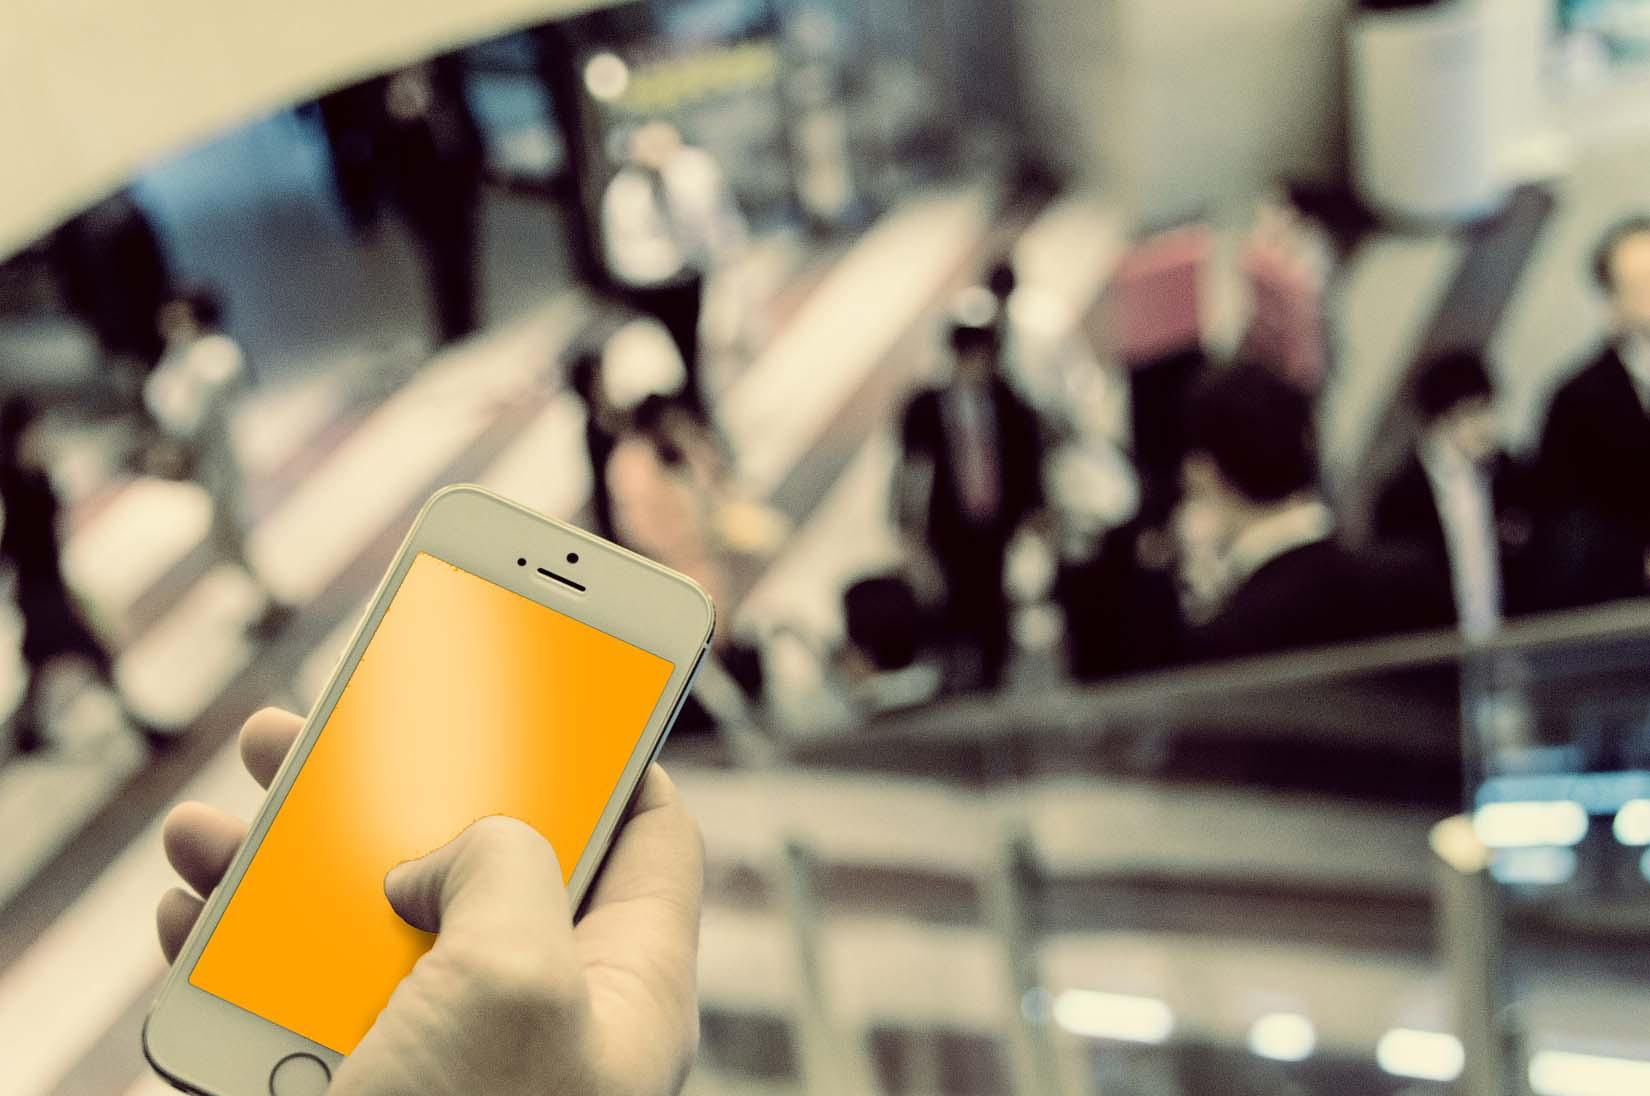 En hånd holder en mobiltelefon. Bakgrunnen er uklar, men kan minne om inngangspartiet til en stor kontorbygning eller en flyplass.